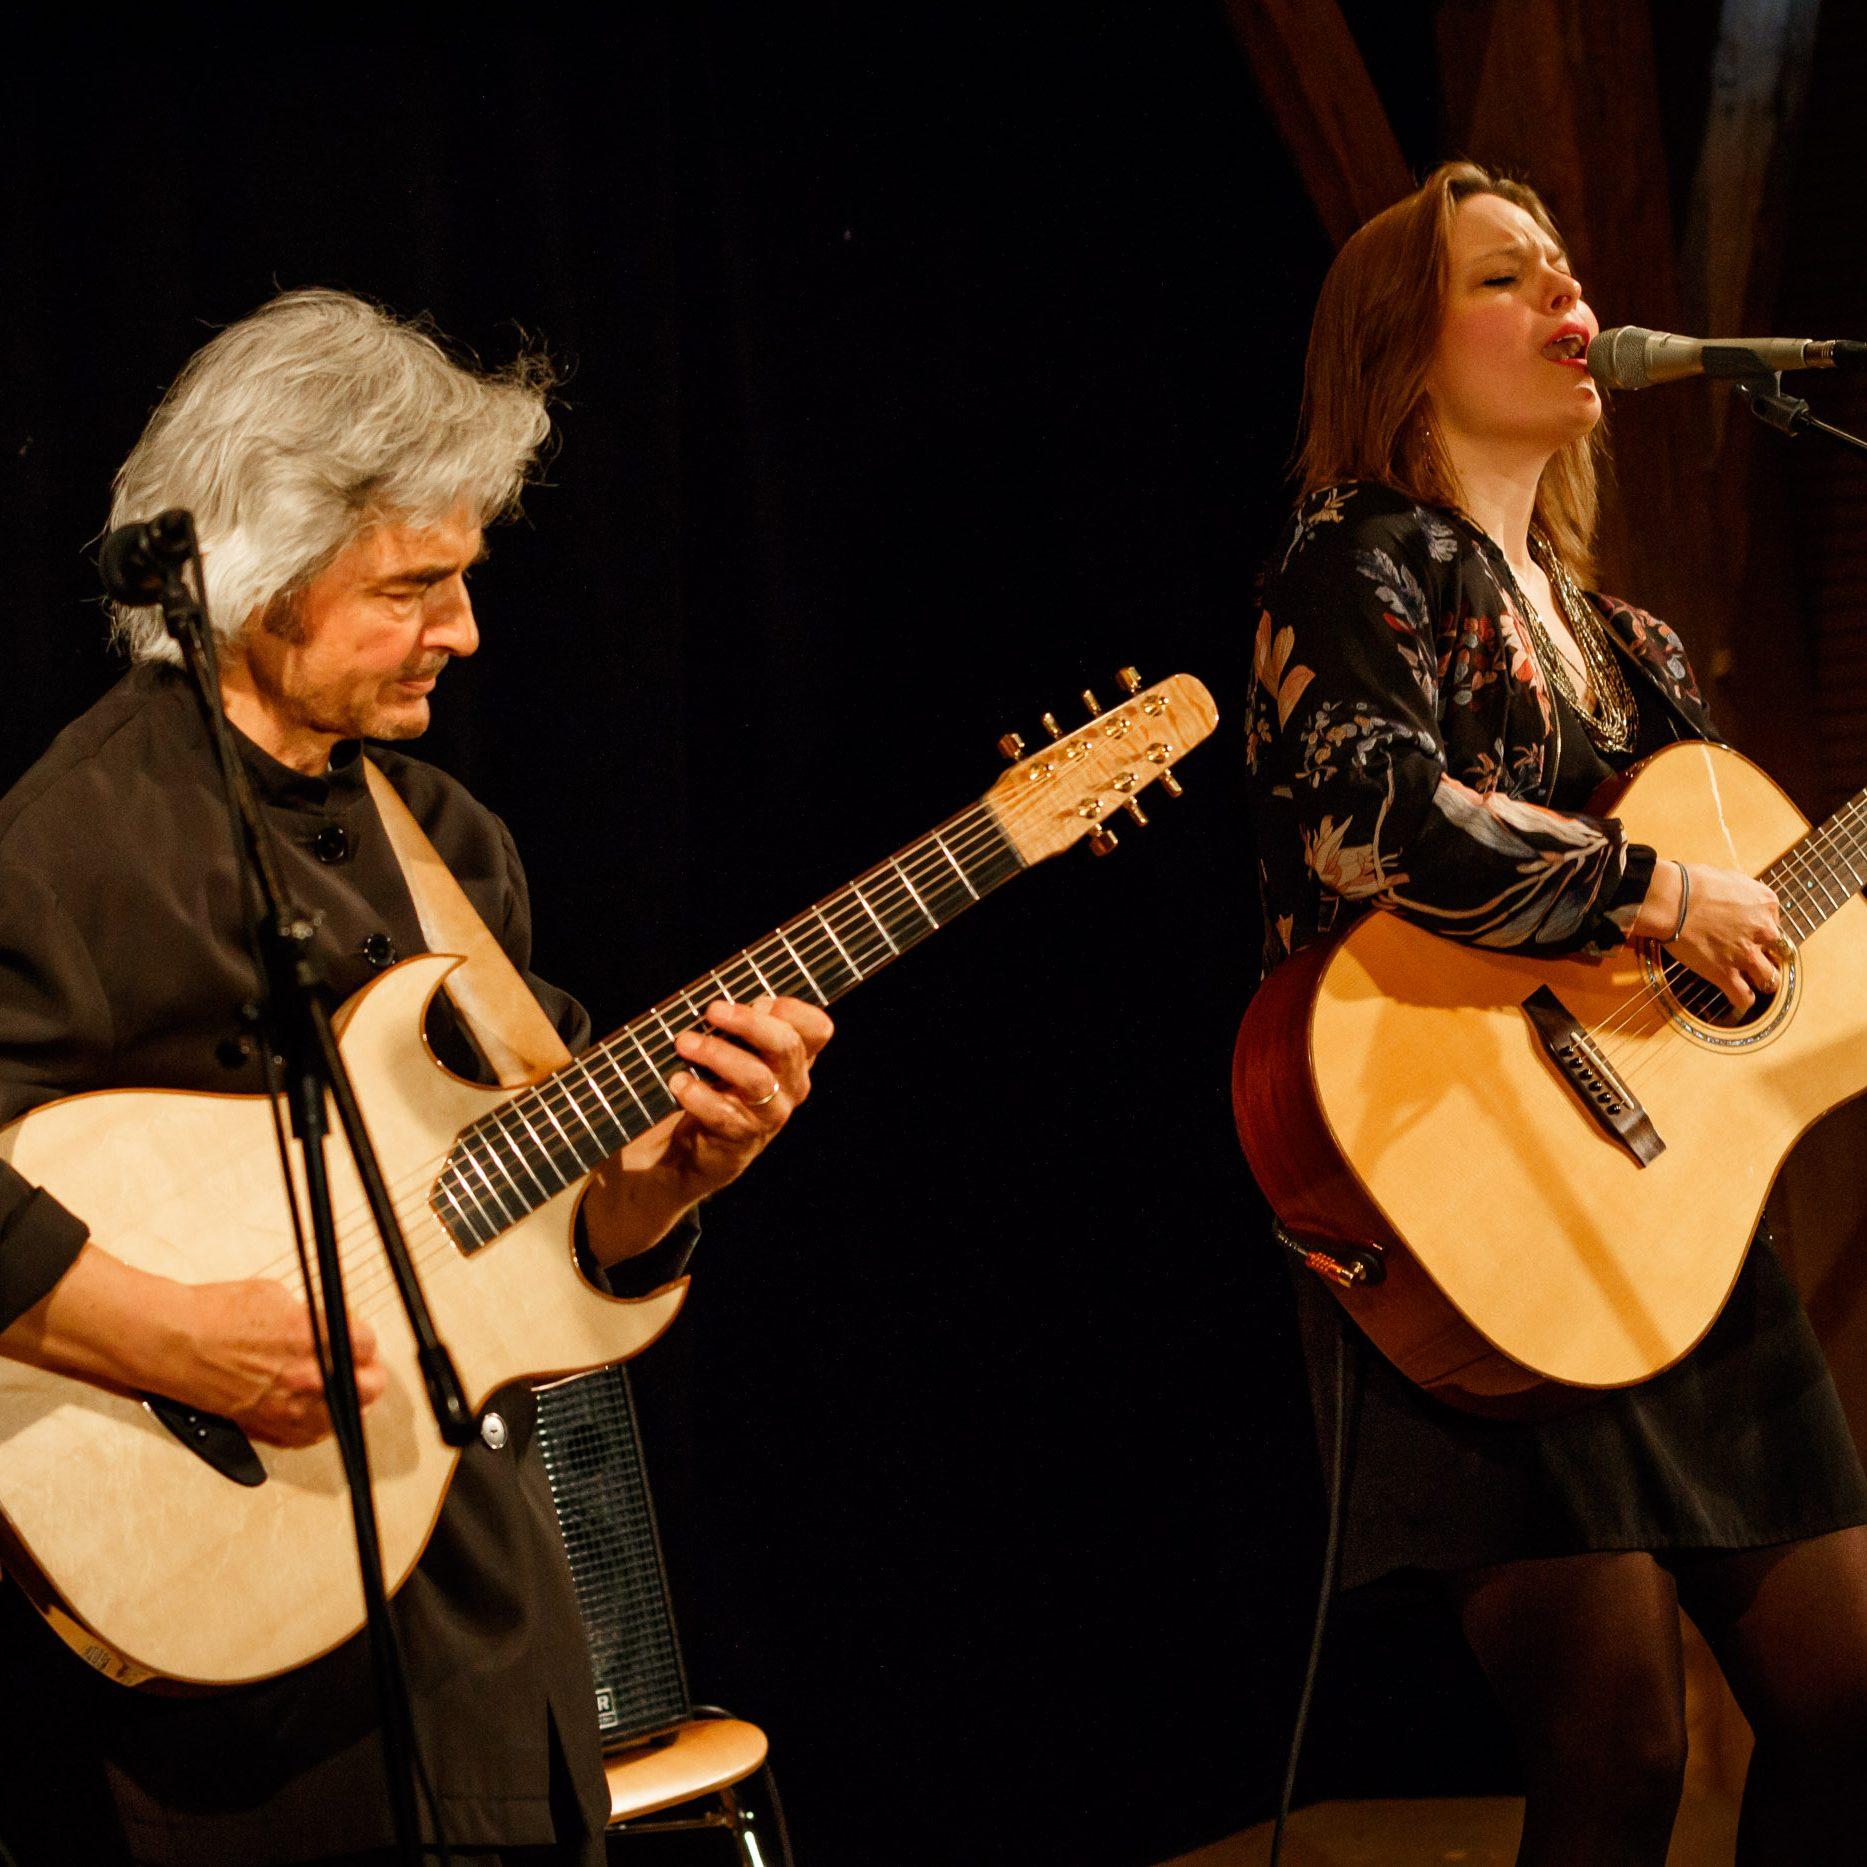 Amelie Haidt (Vocals, Guitar), und Wolfgang Netzer (6/7/12 string Guitars, Oud, Vocals) stehen auf der Bühne des Kulturvereins UNSER DORF.e.V im Pfarrstadel in Weßling am 21. April 2017